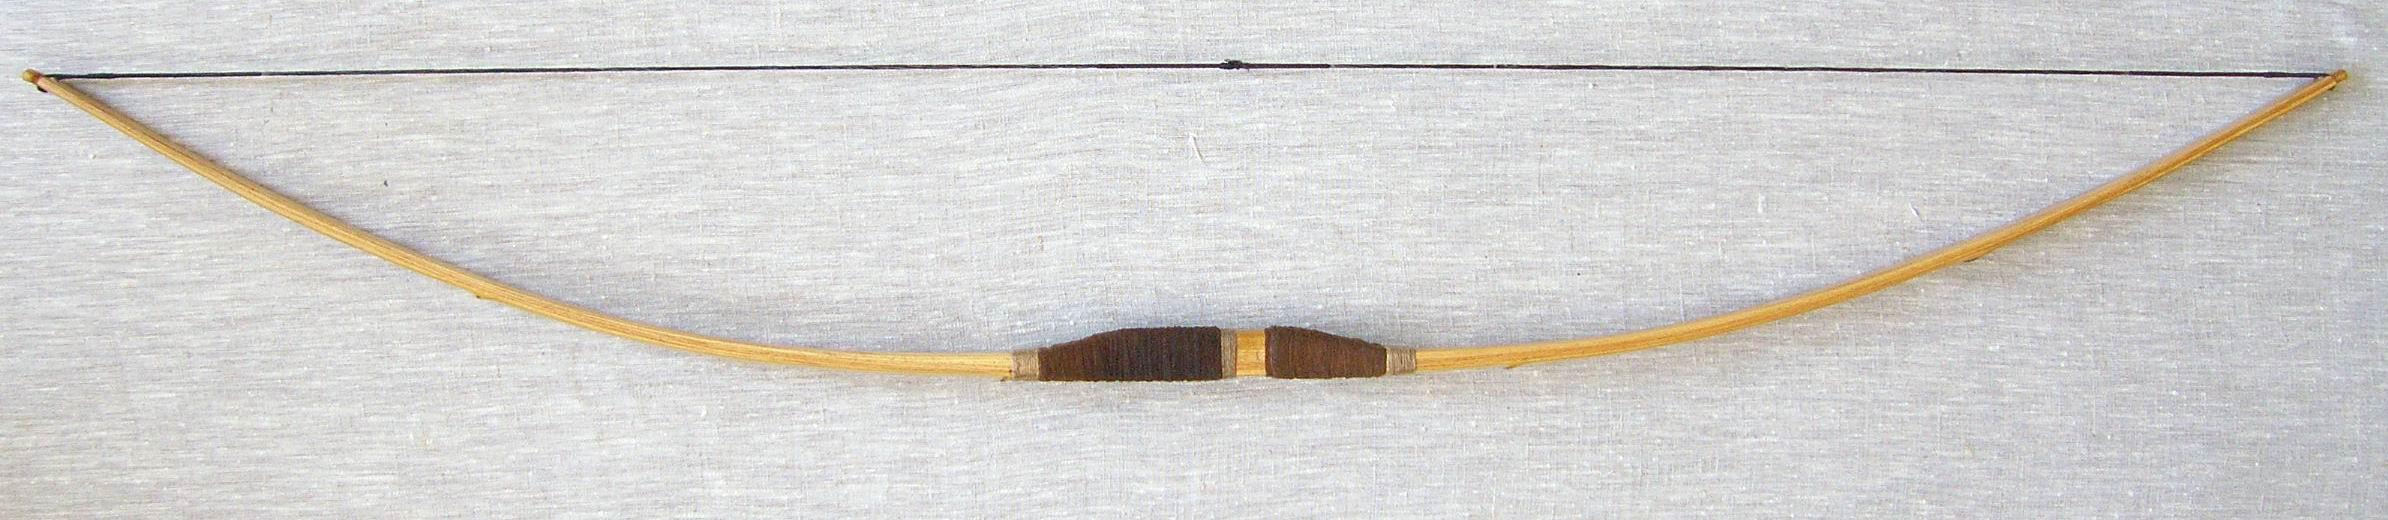 Как сделать охотничий лук своими руками: варианты из дерева и пвх 16